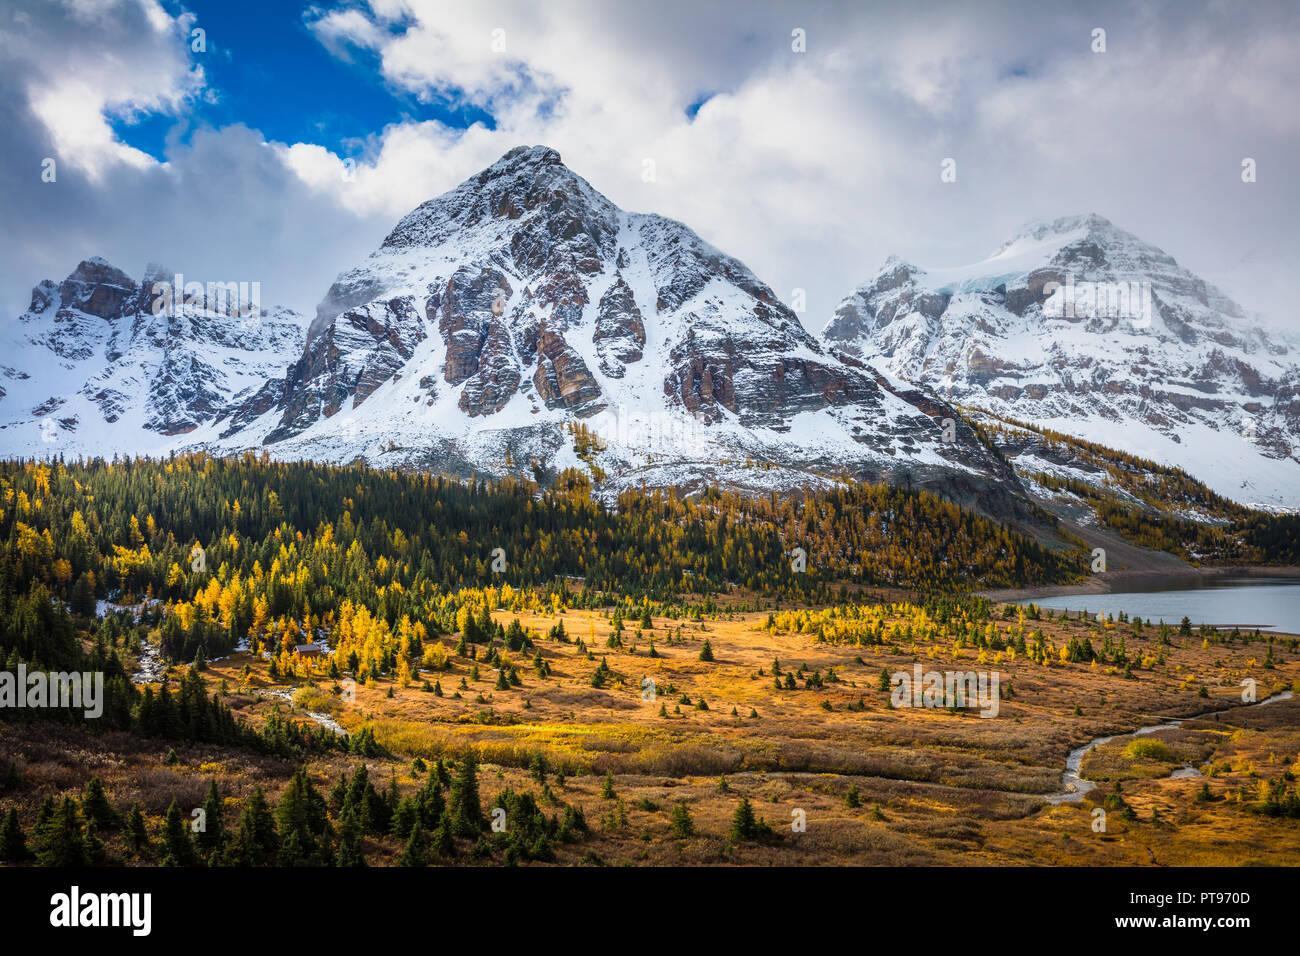 Il Monte Assiniboine Provincial Park è un parco provinciale in British Columbia, Canada, situato intorno al Monte Assiniboine. Immagini Stock